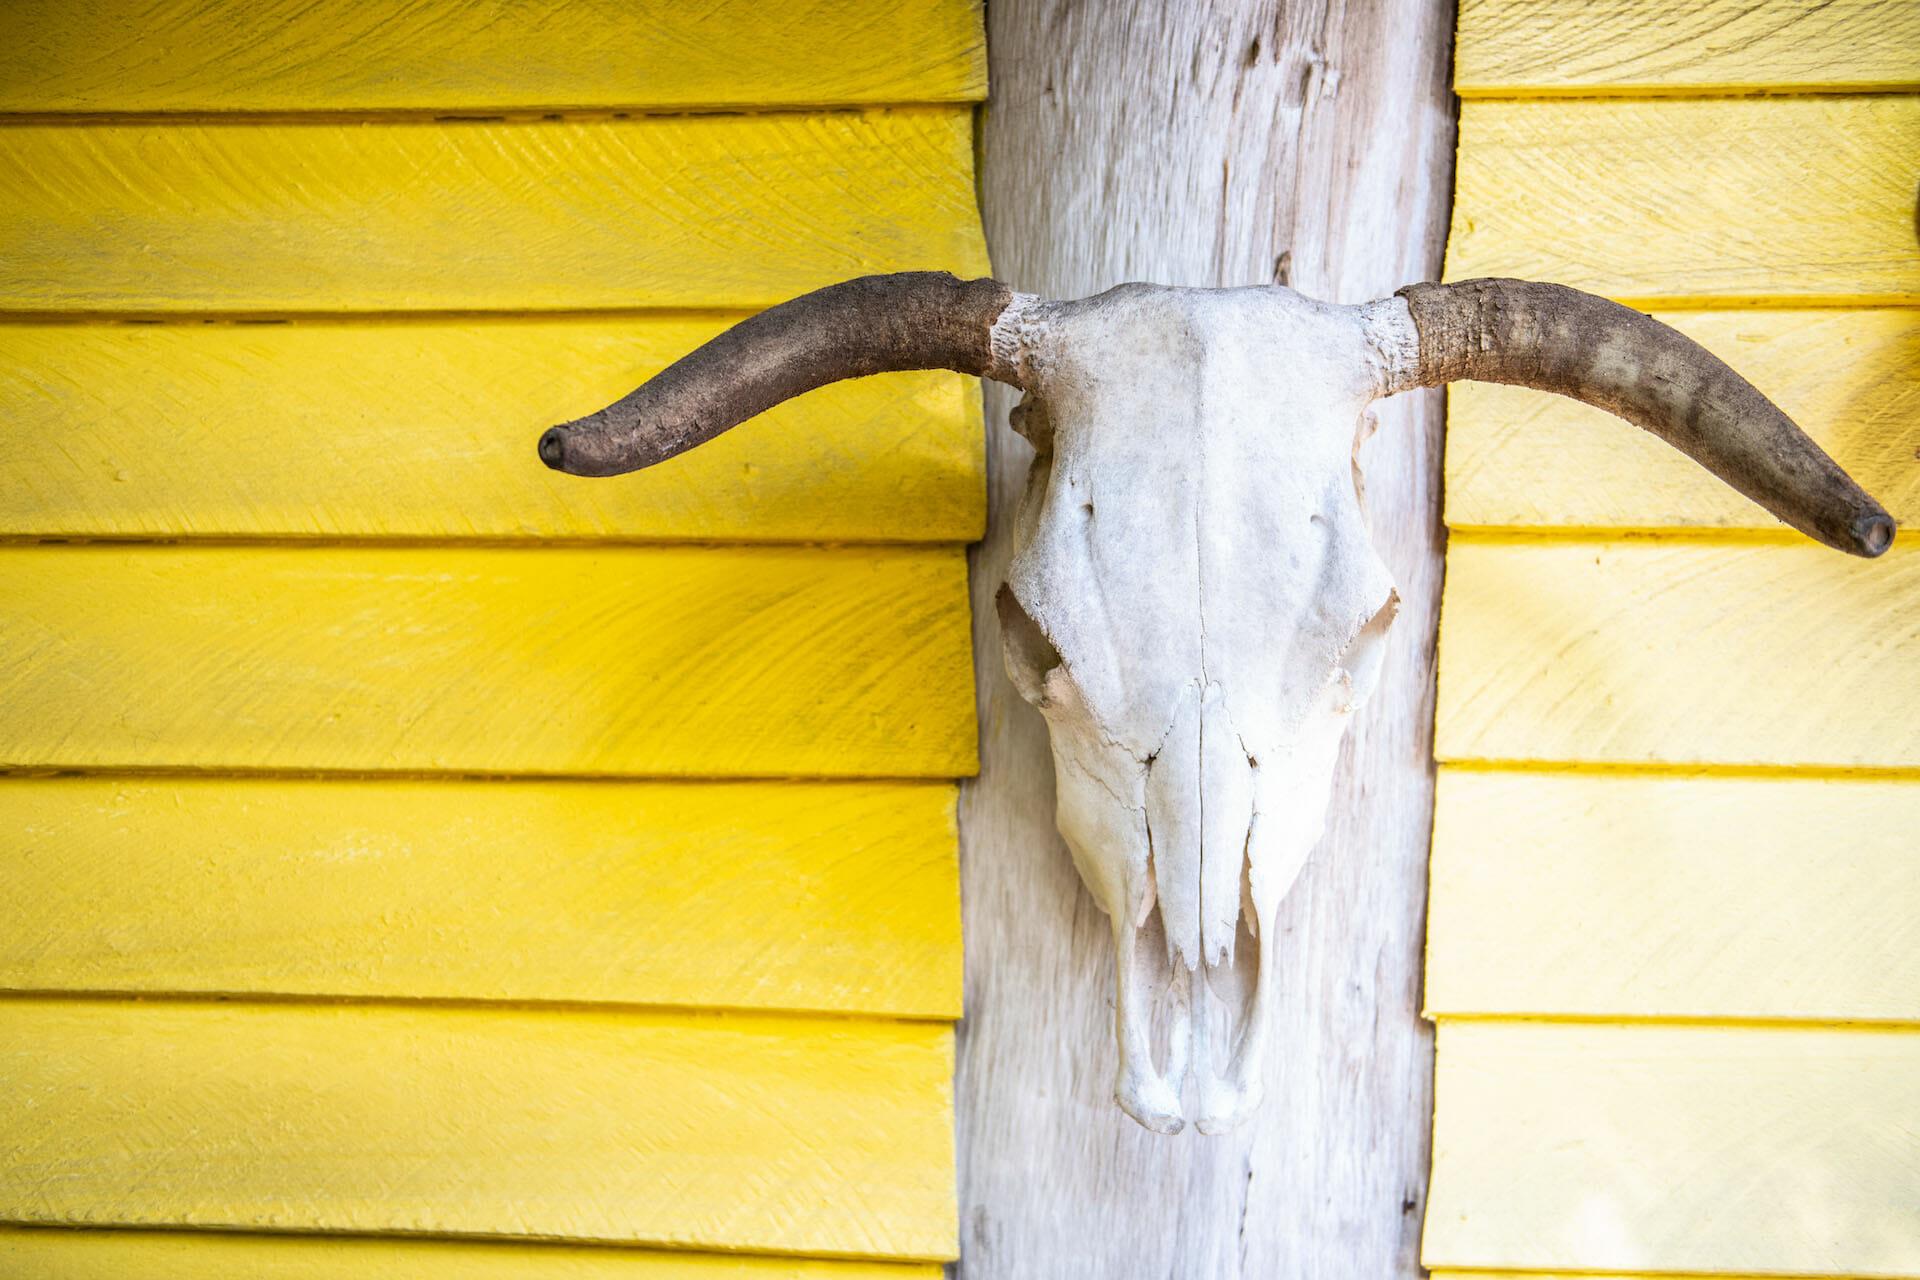 Sunbaked Cattle Skull on Frangipani House 1920 x 1280